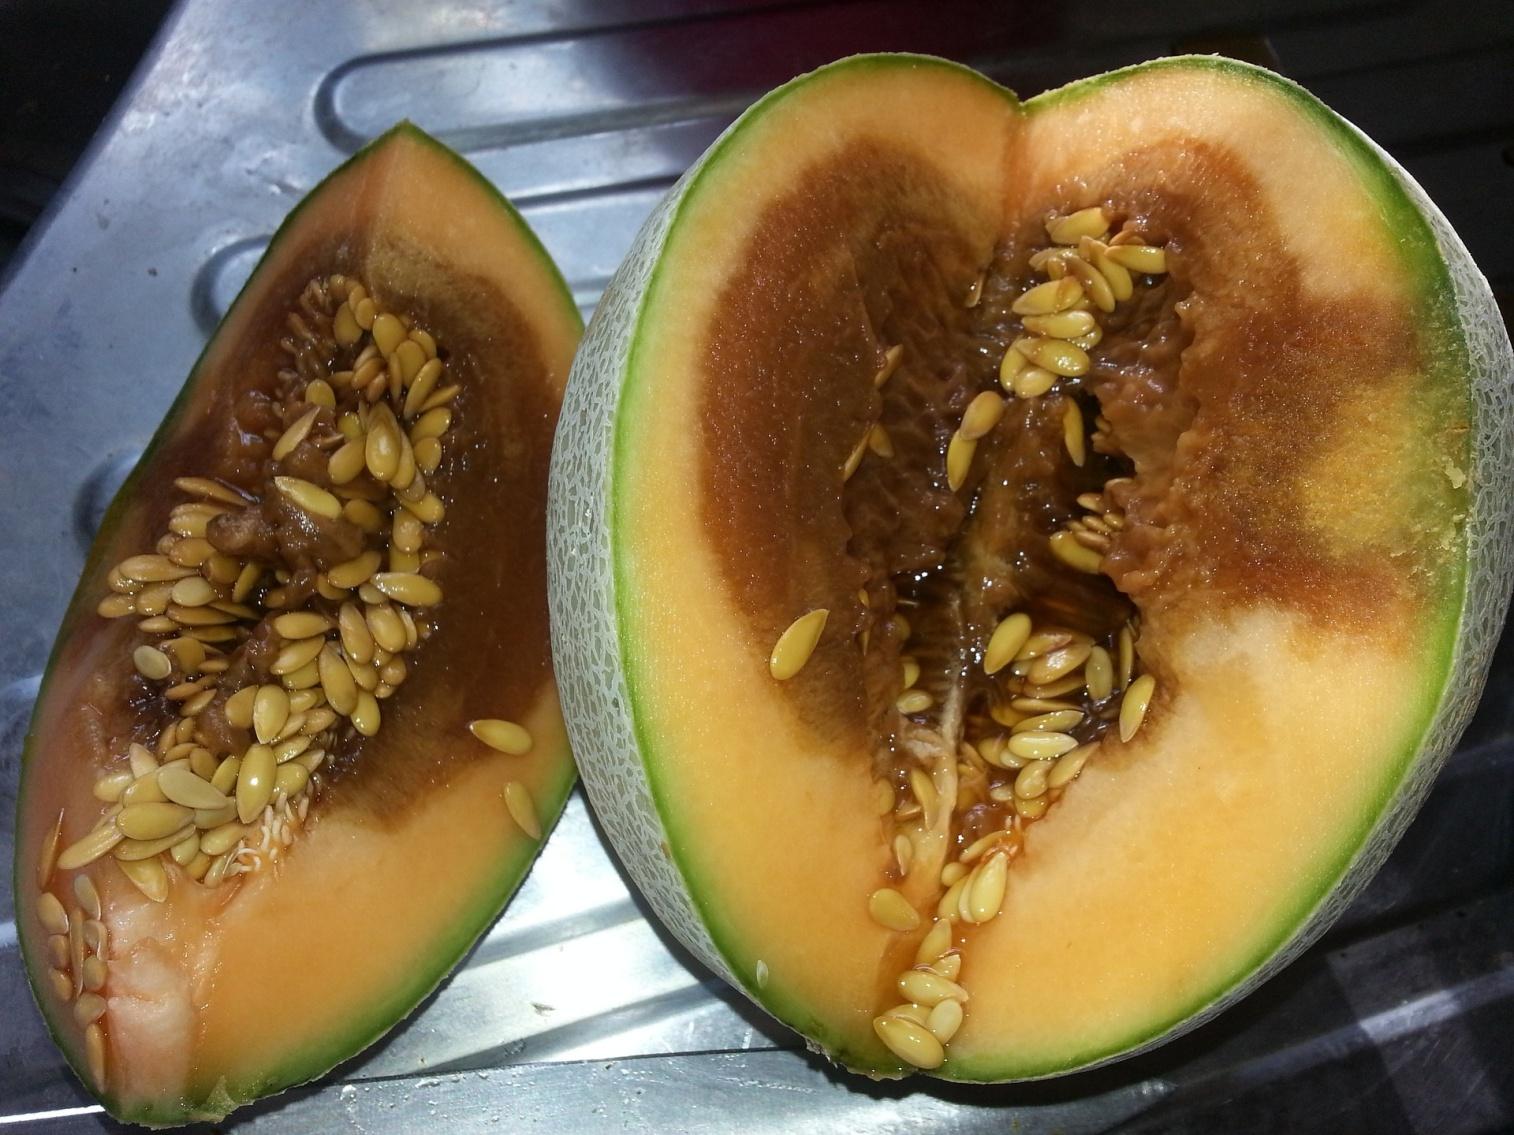 fruit-1646764_1920[690].jpg